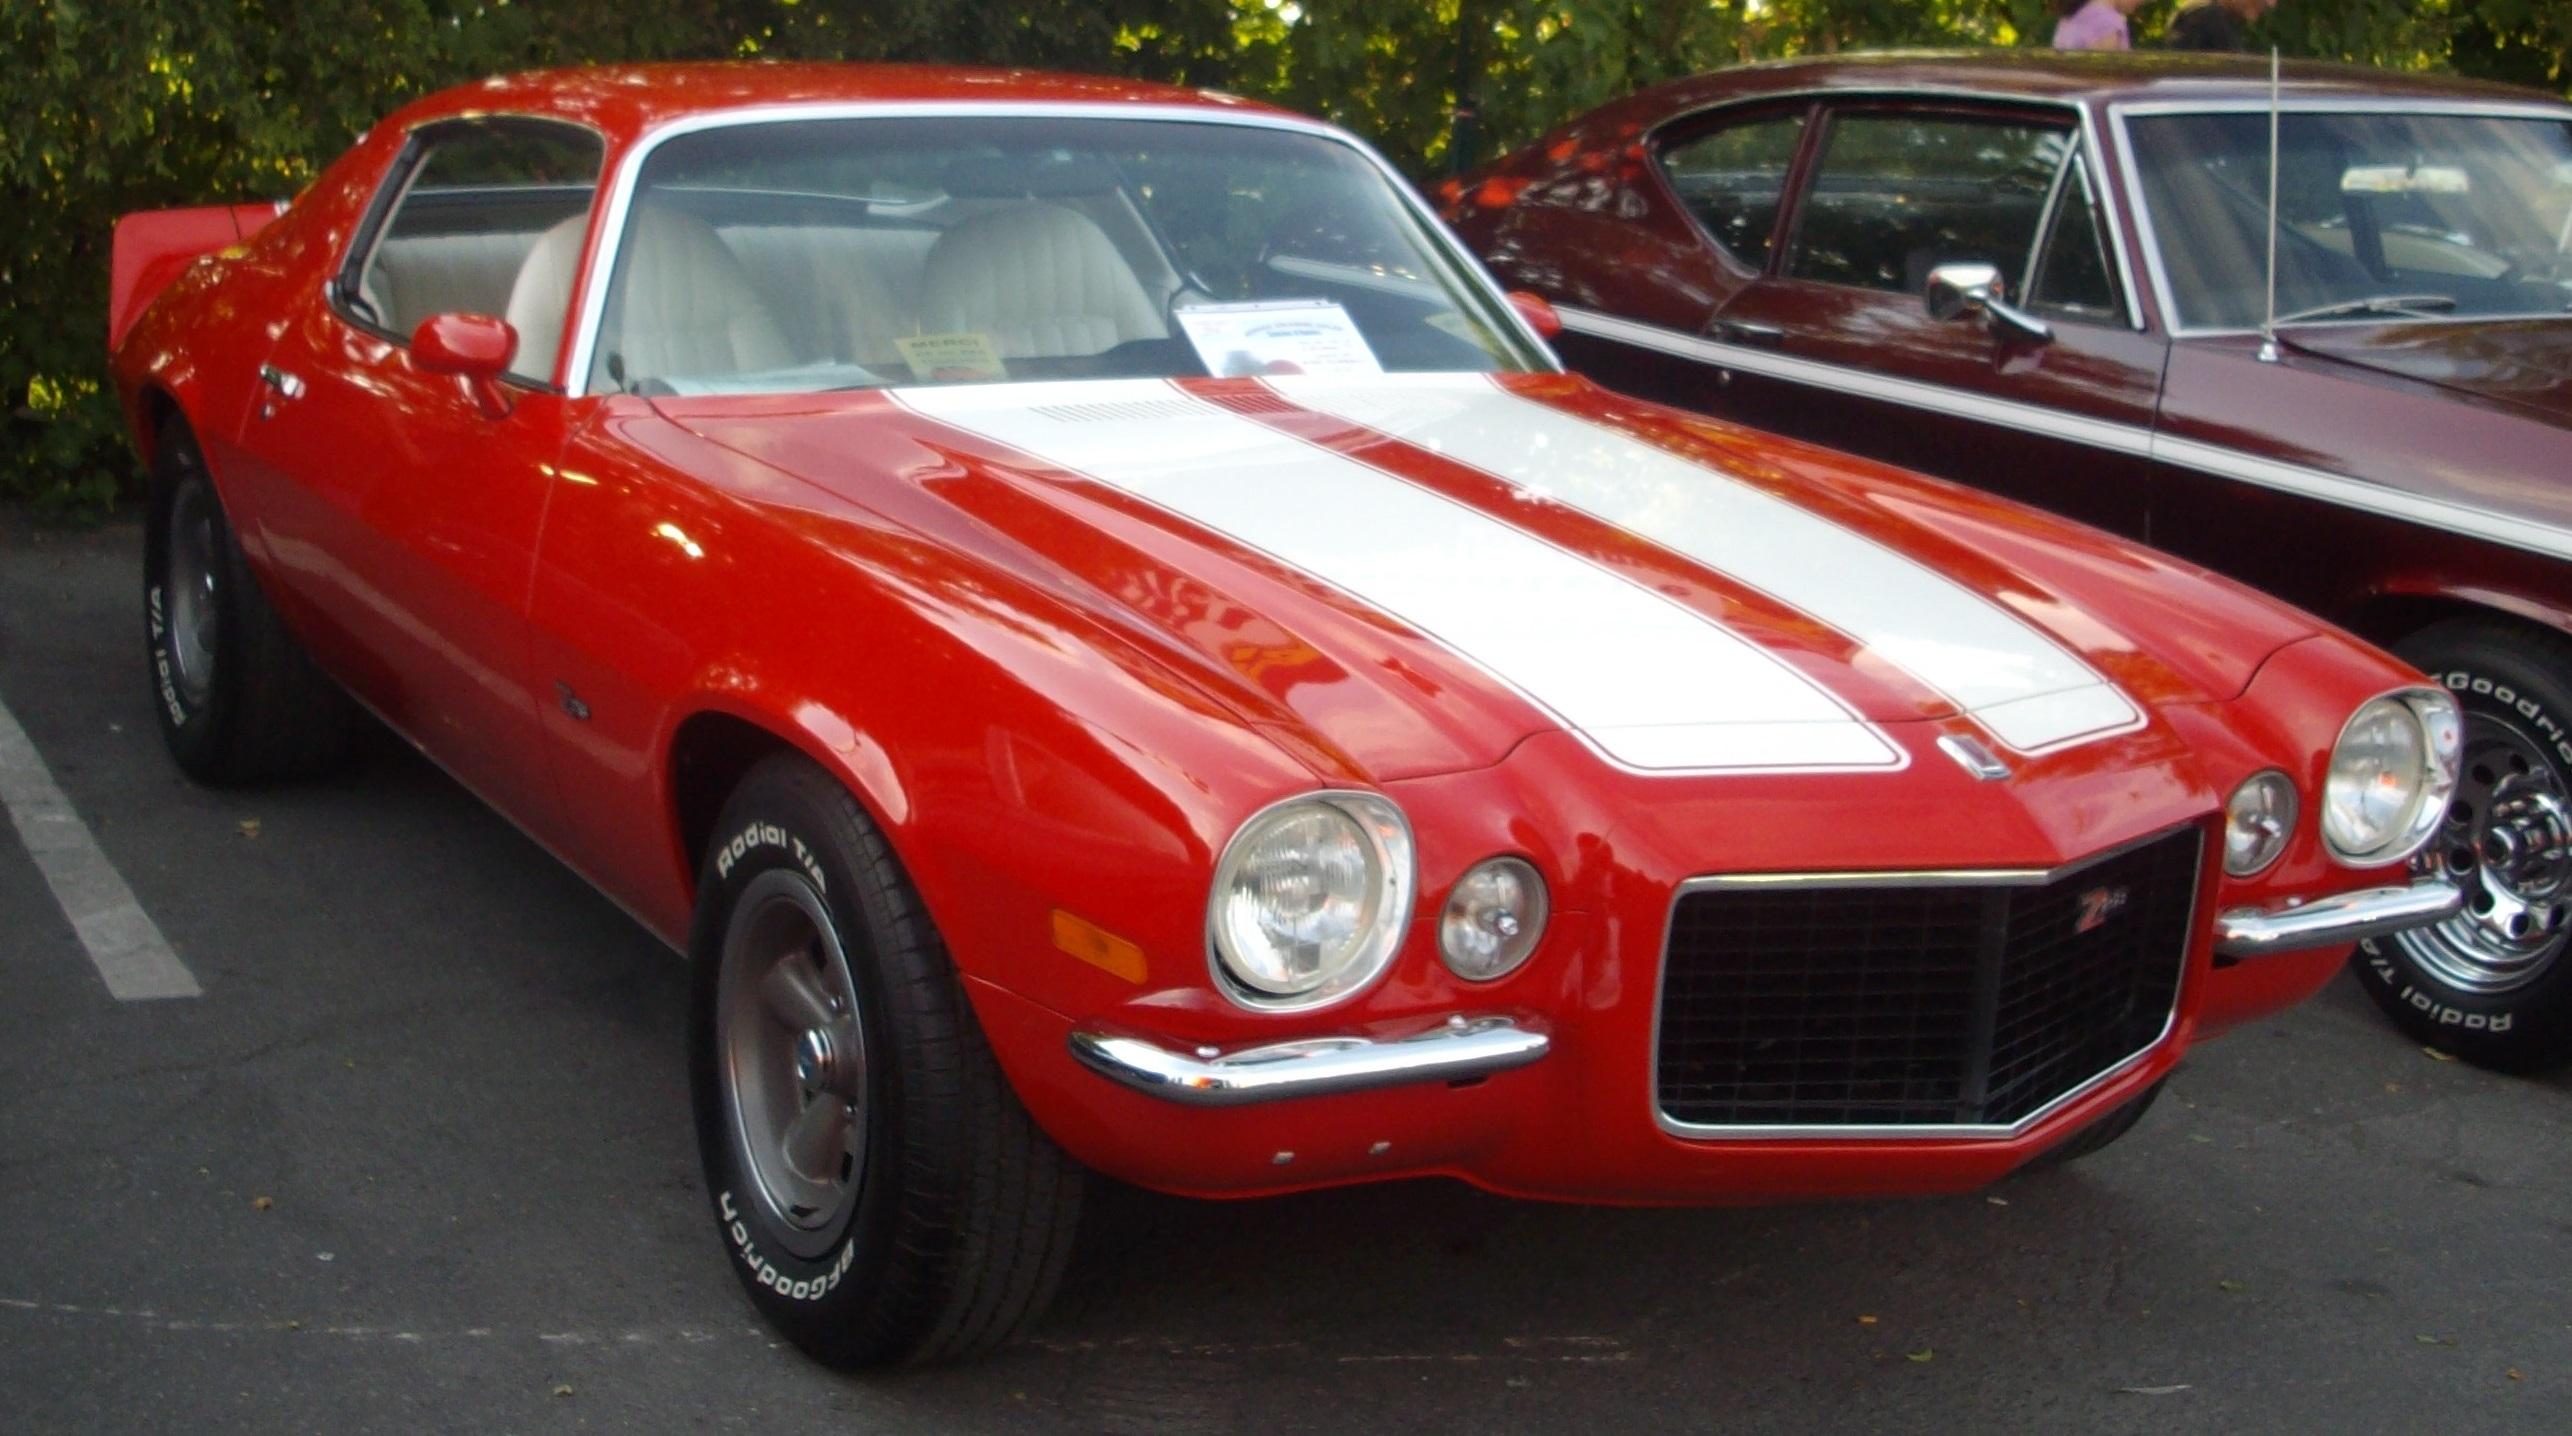 572 Chevrolet >> File:'72 Chevrolet Camaro Z28 (Orange Julep '12).JPG - Wikimedia Commons